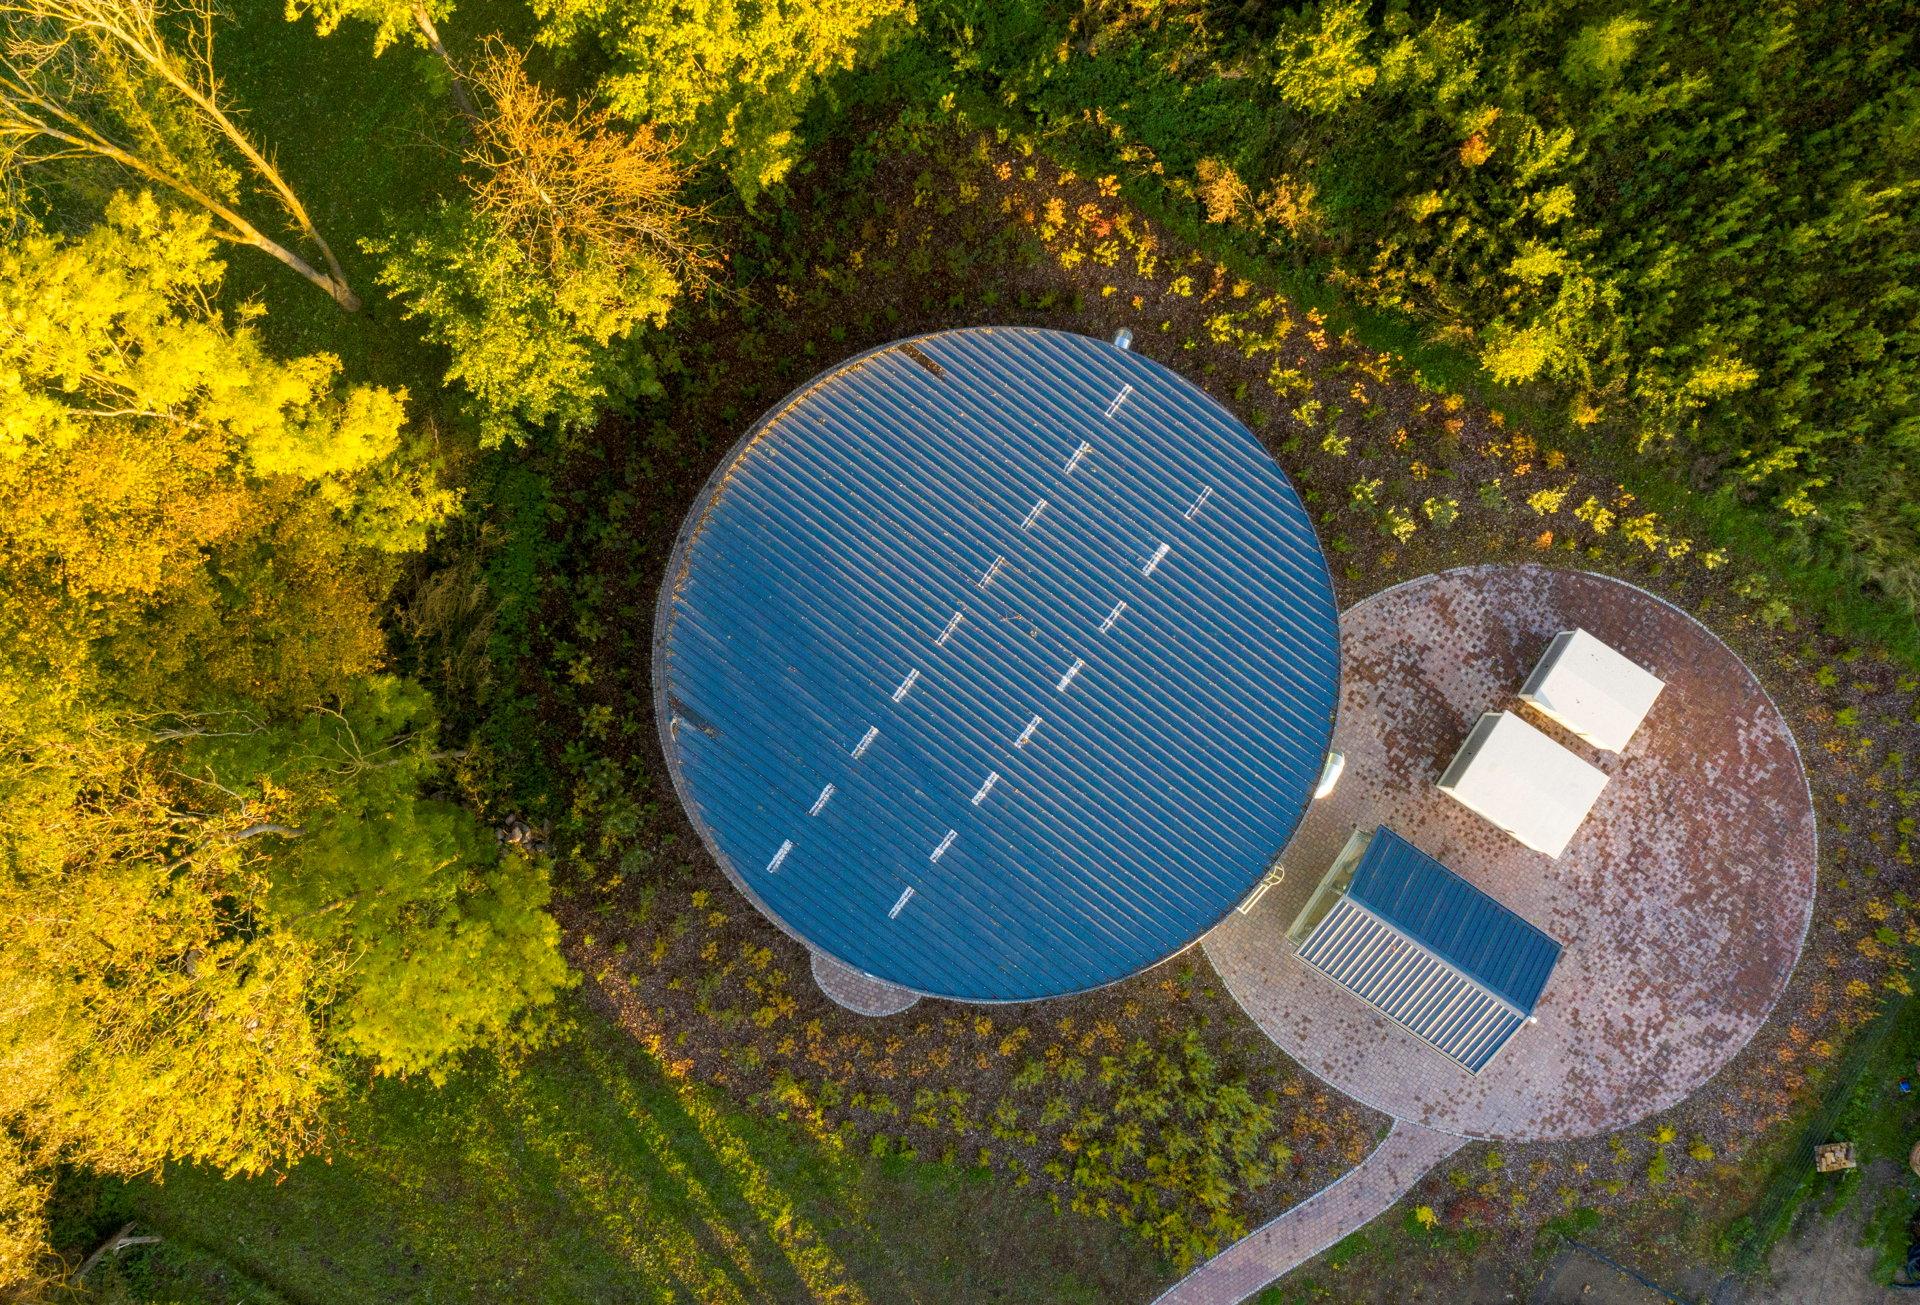 Ein kreisförmiger Silo mit blauem Dach und drei kleinen rechteckigen Gebäuden daneben von oben betrachtet.